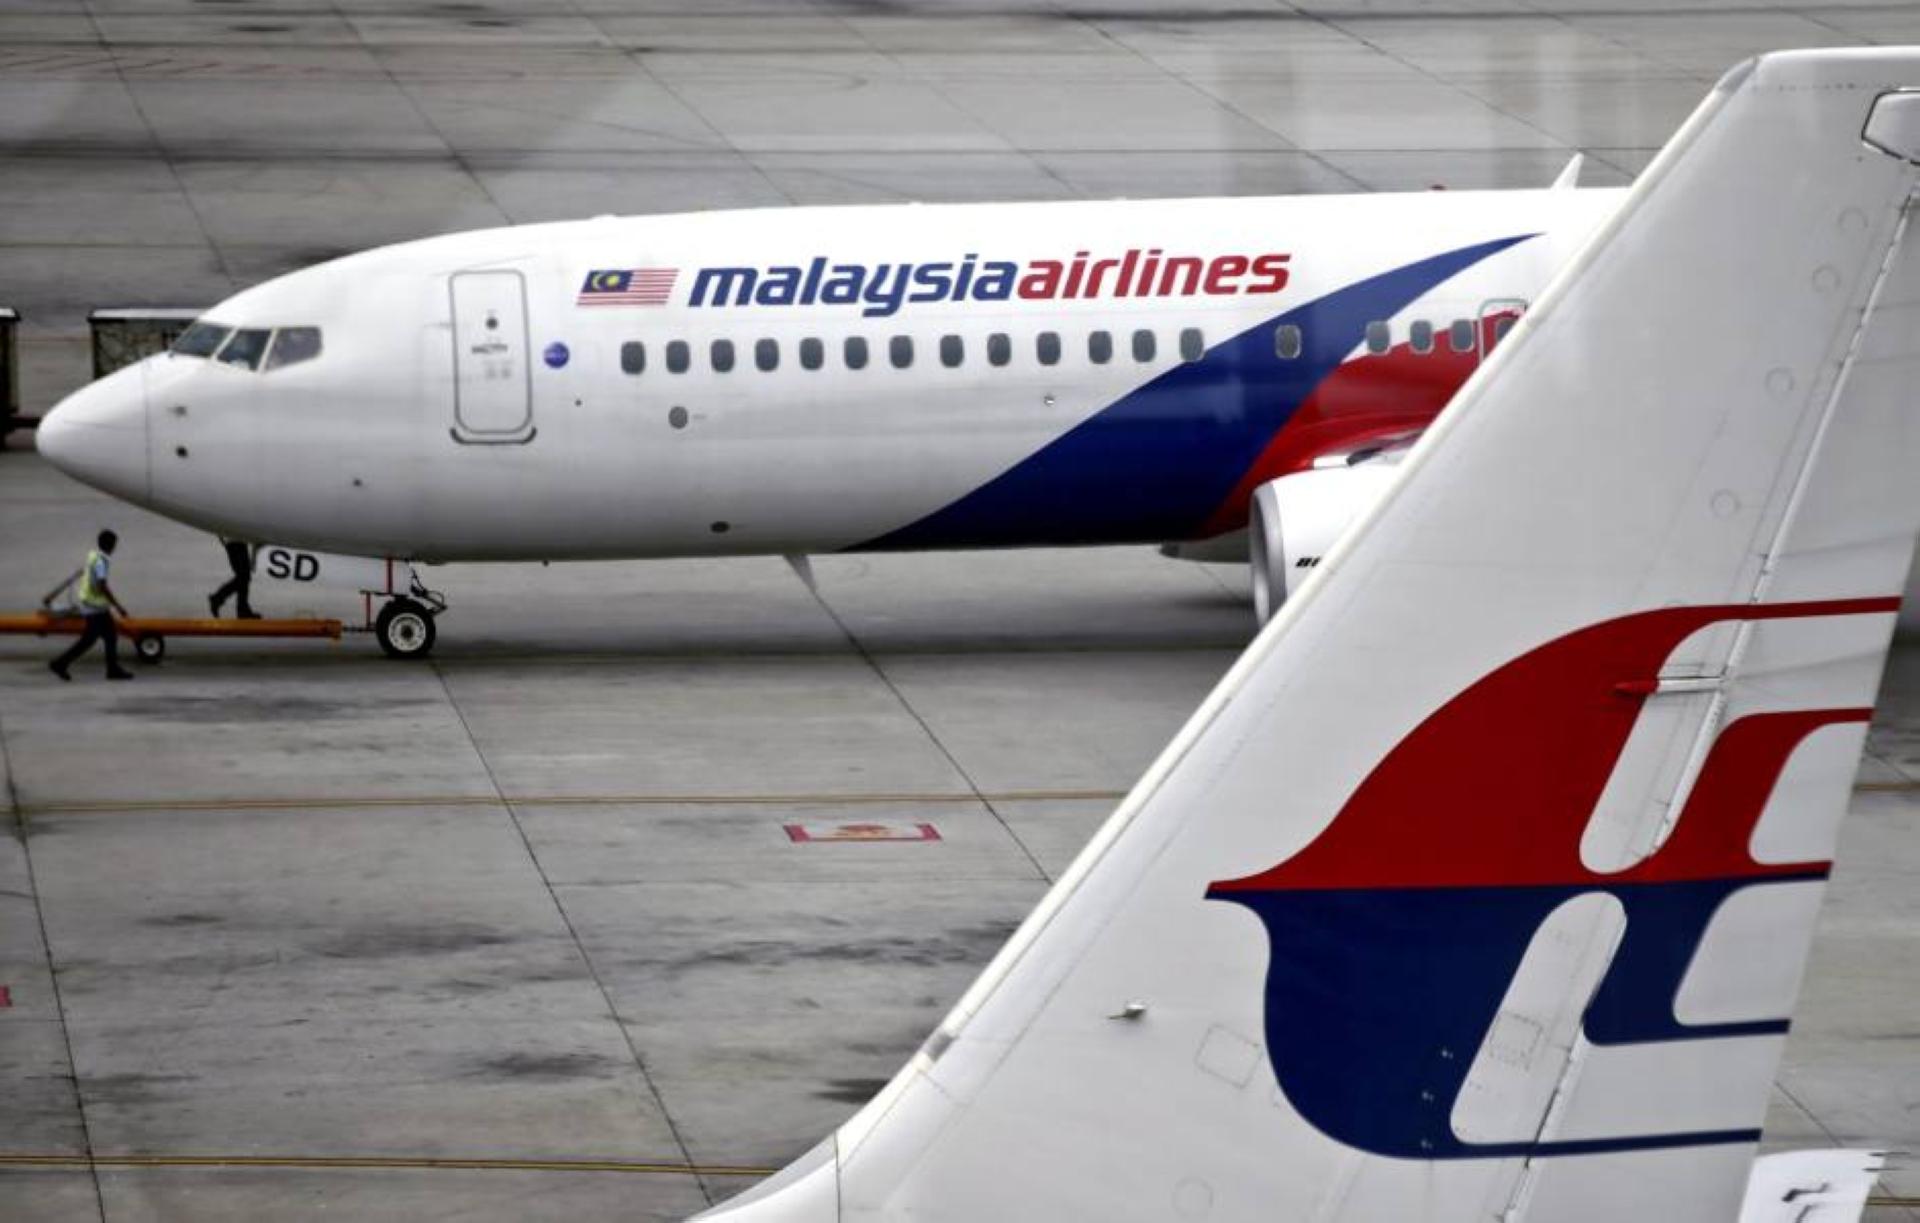 马航MH360吉隆坡飞北京航班紧急返航:起落架故障_意大利新闻_意大利中文网